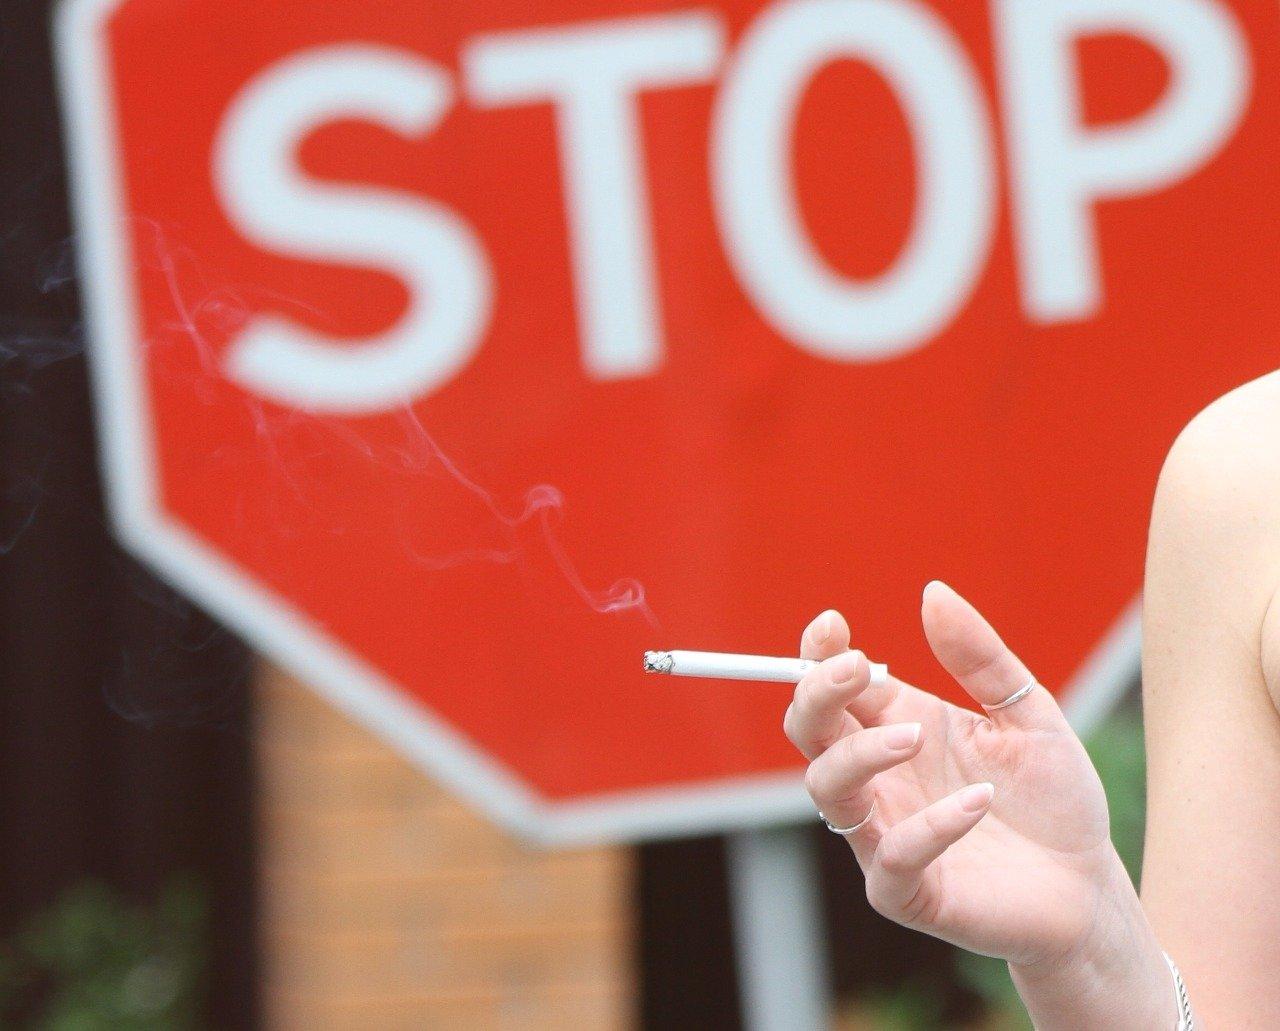 Закажи 24 сигареты купить сигареты честерфилд мелким оптом в москве дешево